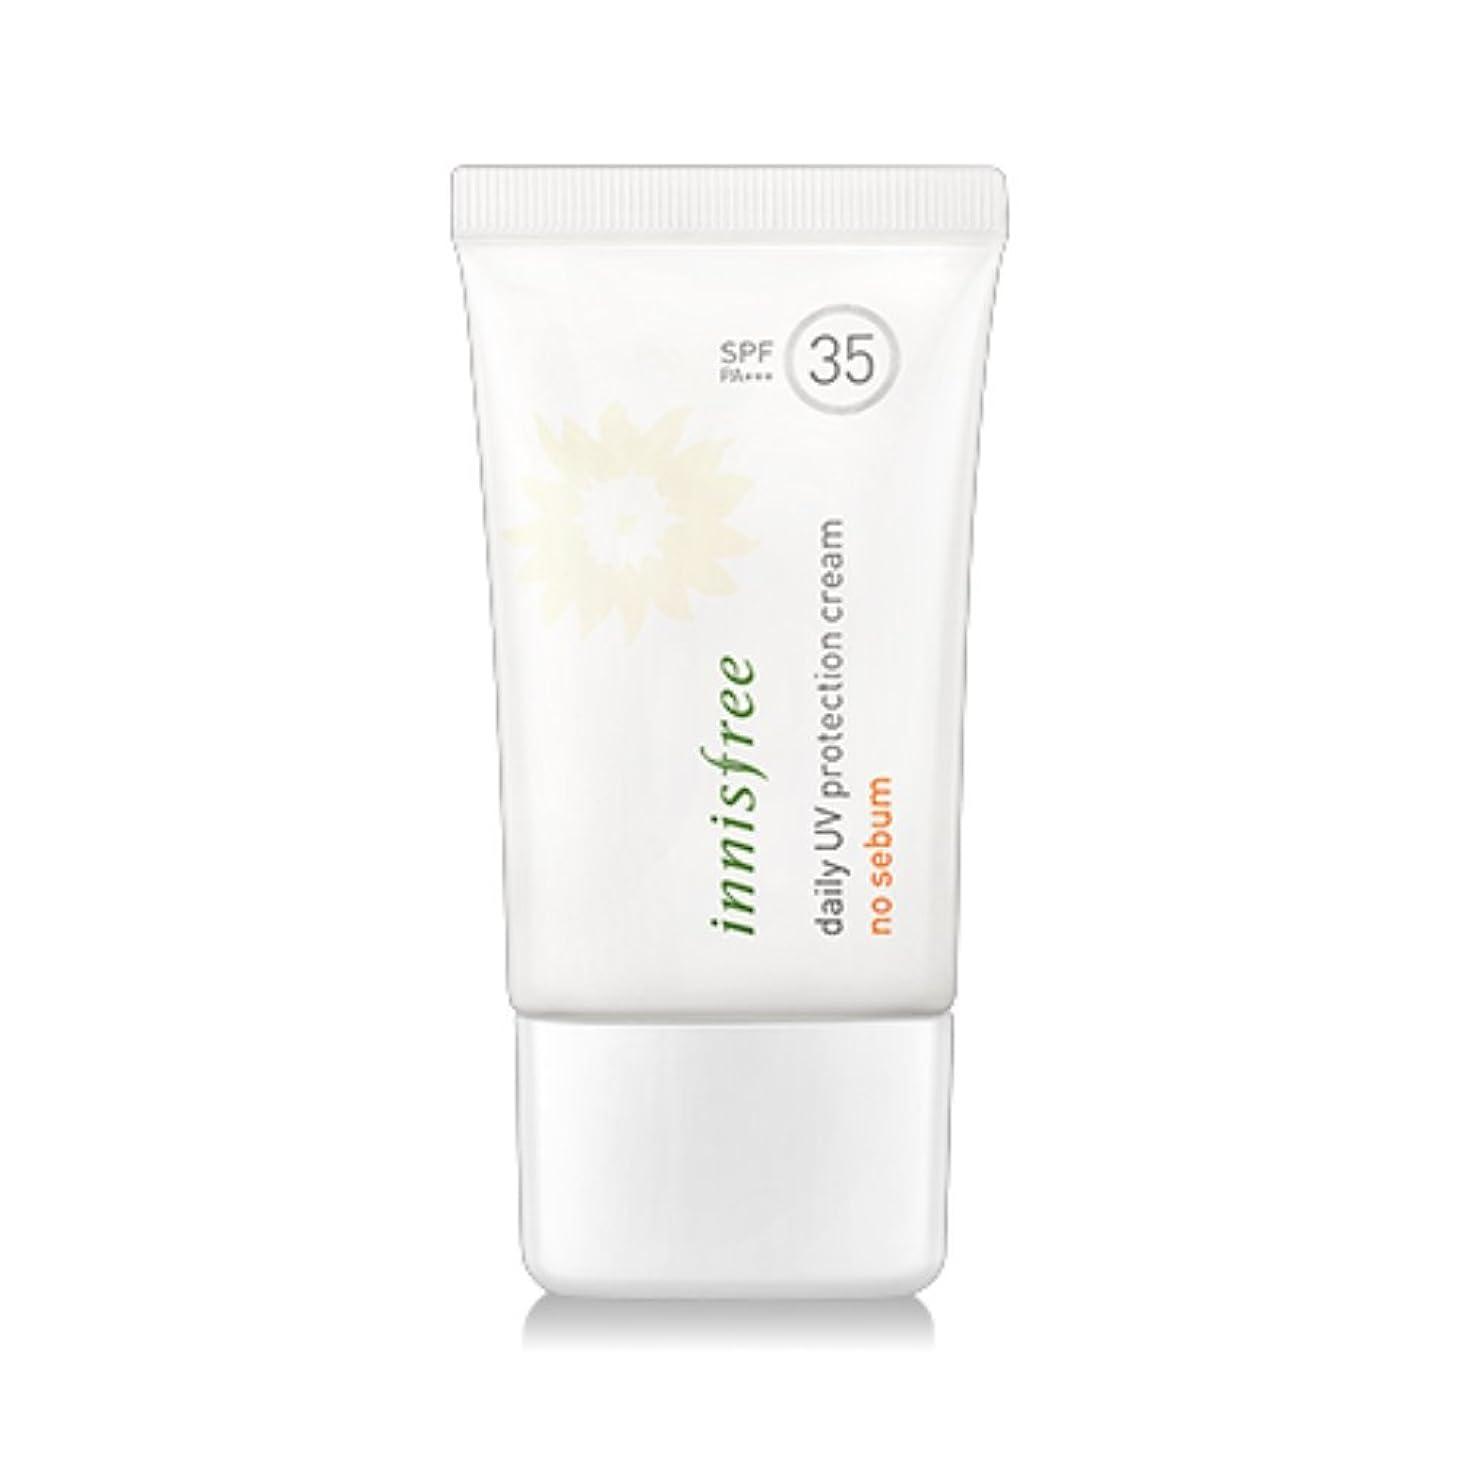 明日ステーキフルーツ[New] innisfree Daily UV Protection Cream No Sebum (SPF35 PA+++) 50ml/イニスフリー デイリー UV プロテクション クリーム ノーシーバム (SPF35 PA+++) 50ml